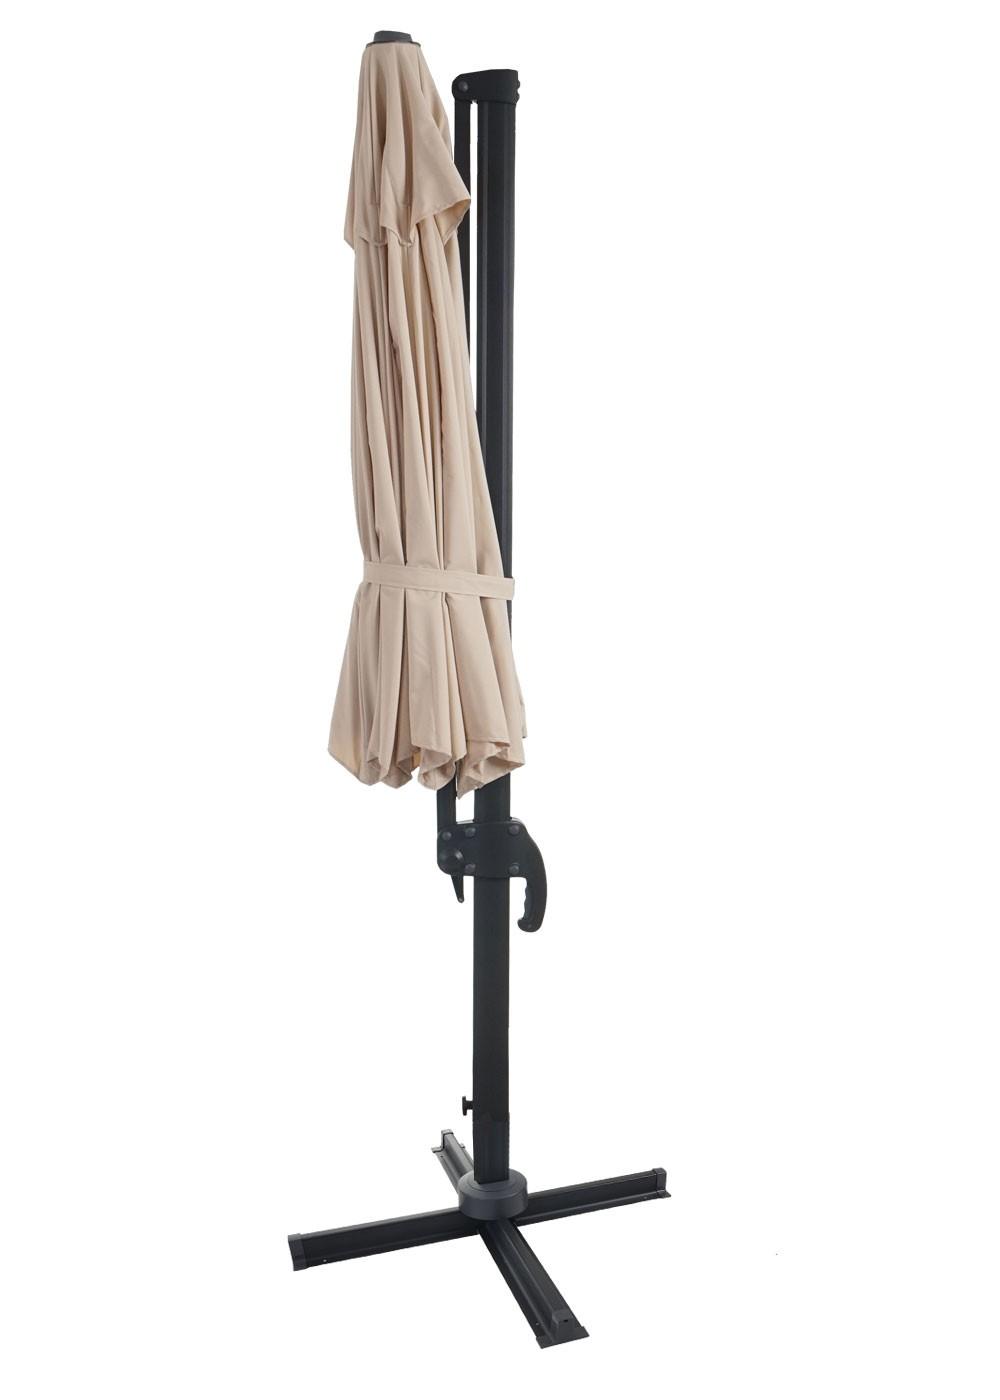 gastronomie luxus ampelschirm sonnenschirm 3 5m creme ohne st nder garten sonnenschirme und. Black Bedroom Furniture Sets. Home Design Ideas